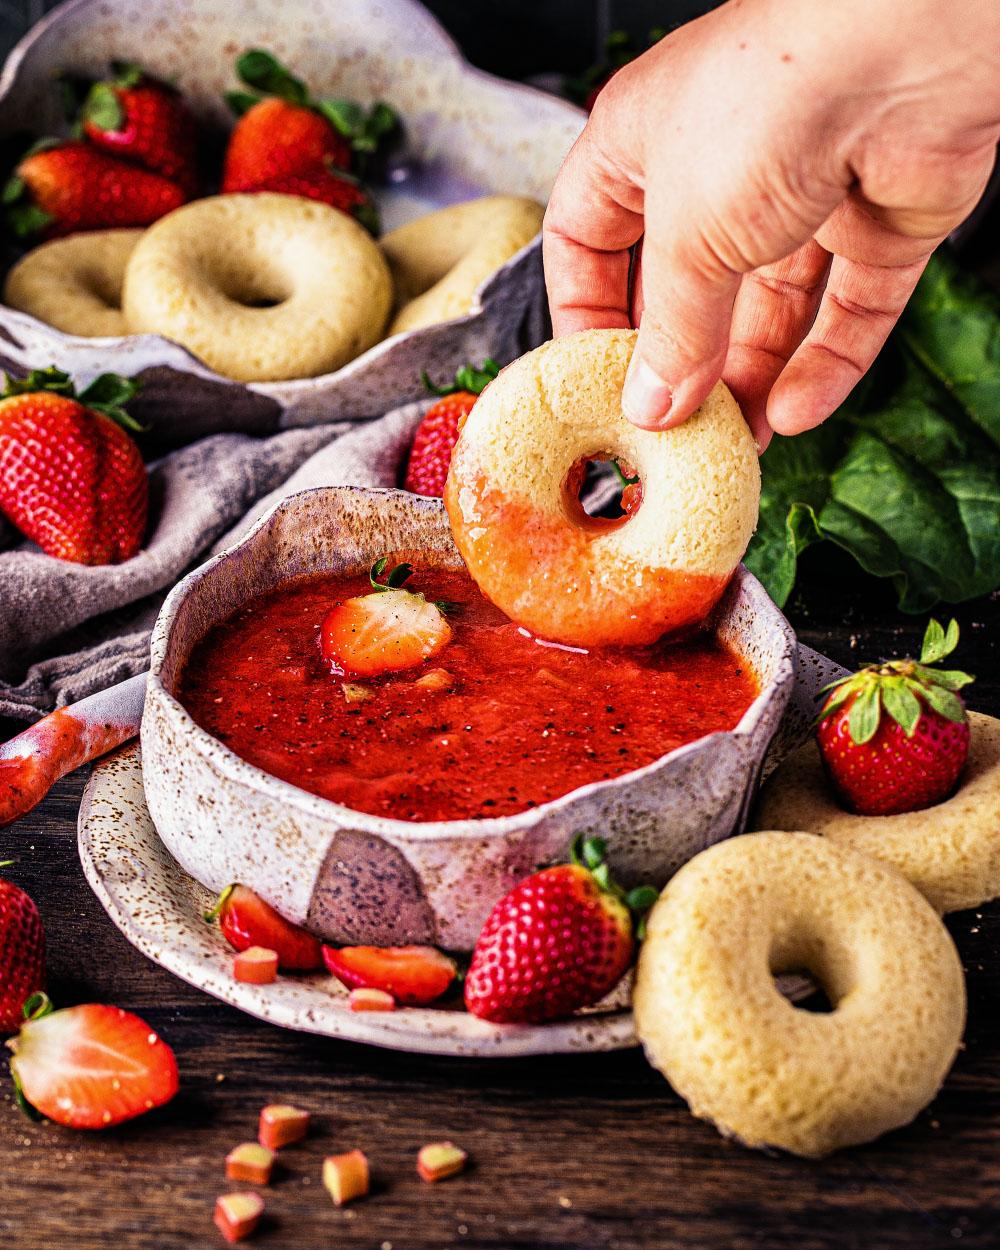 süße pfeffrige Erdbeer-Rhabarber-Suppe einfaches rezept